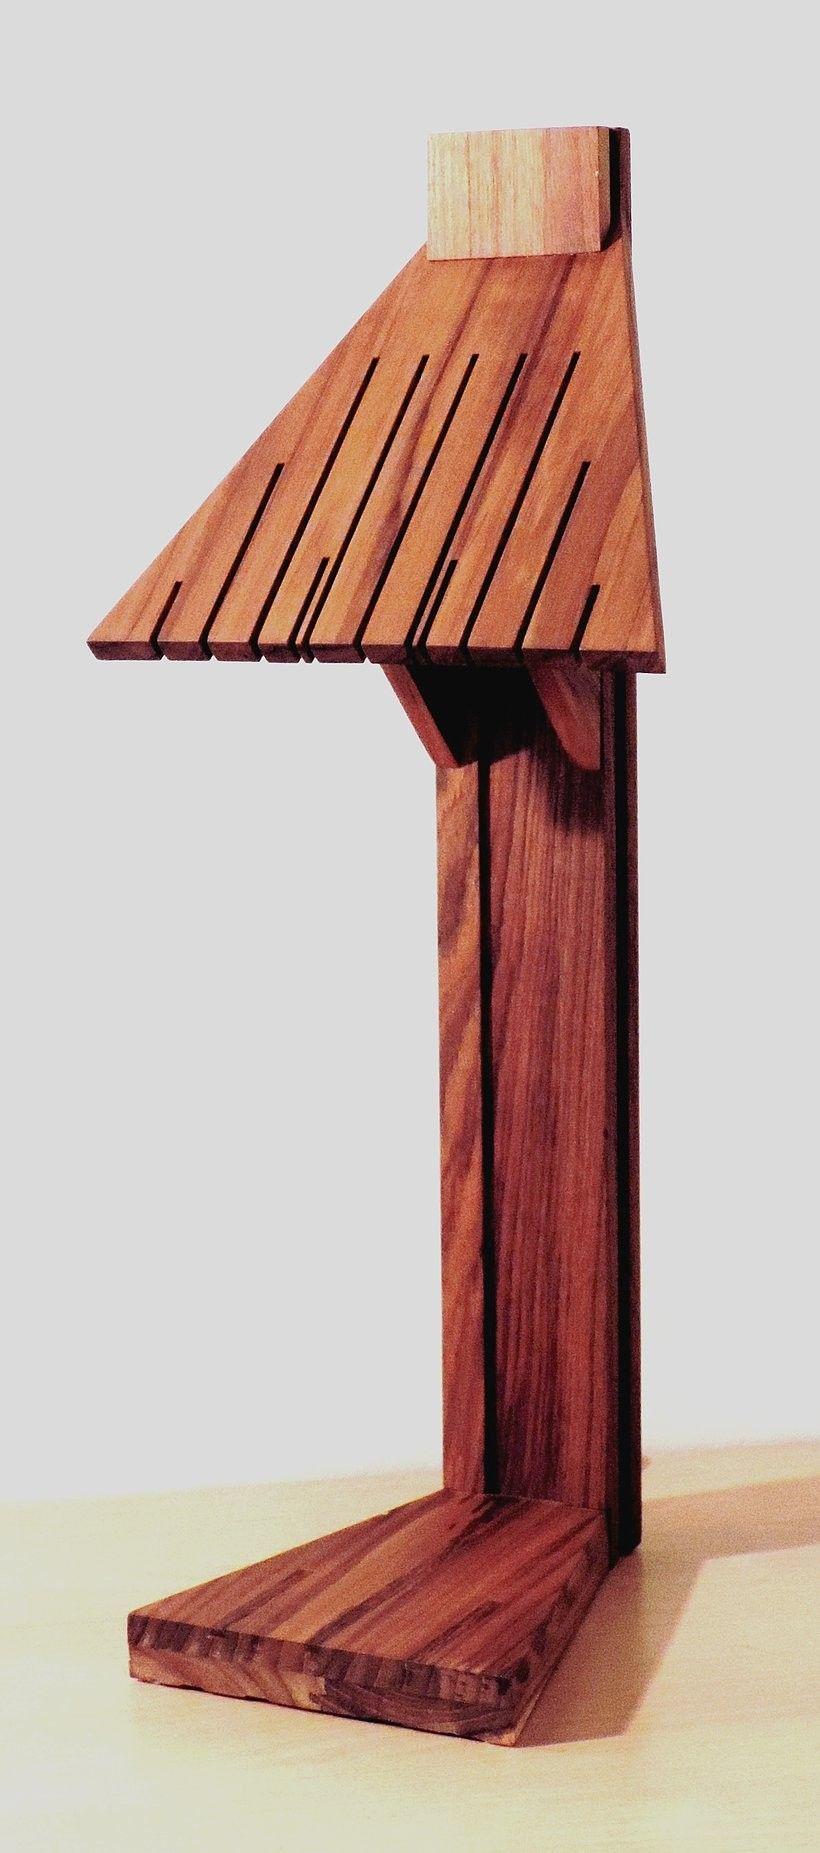 lampe abani par woodlamp design devenir architecte m tier artistique et designer fran ais. Black Bedroom Furniture Sets. Home Design Ideas